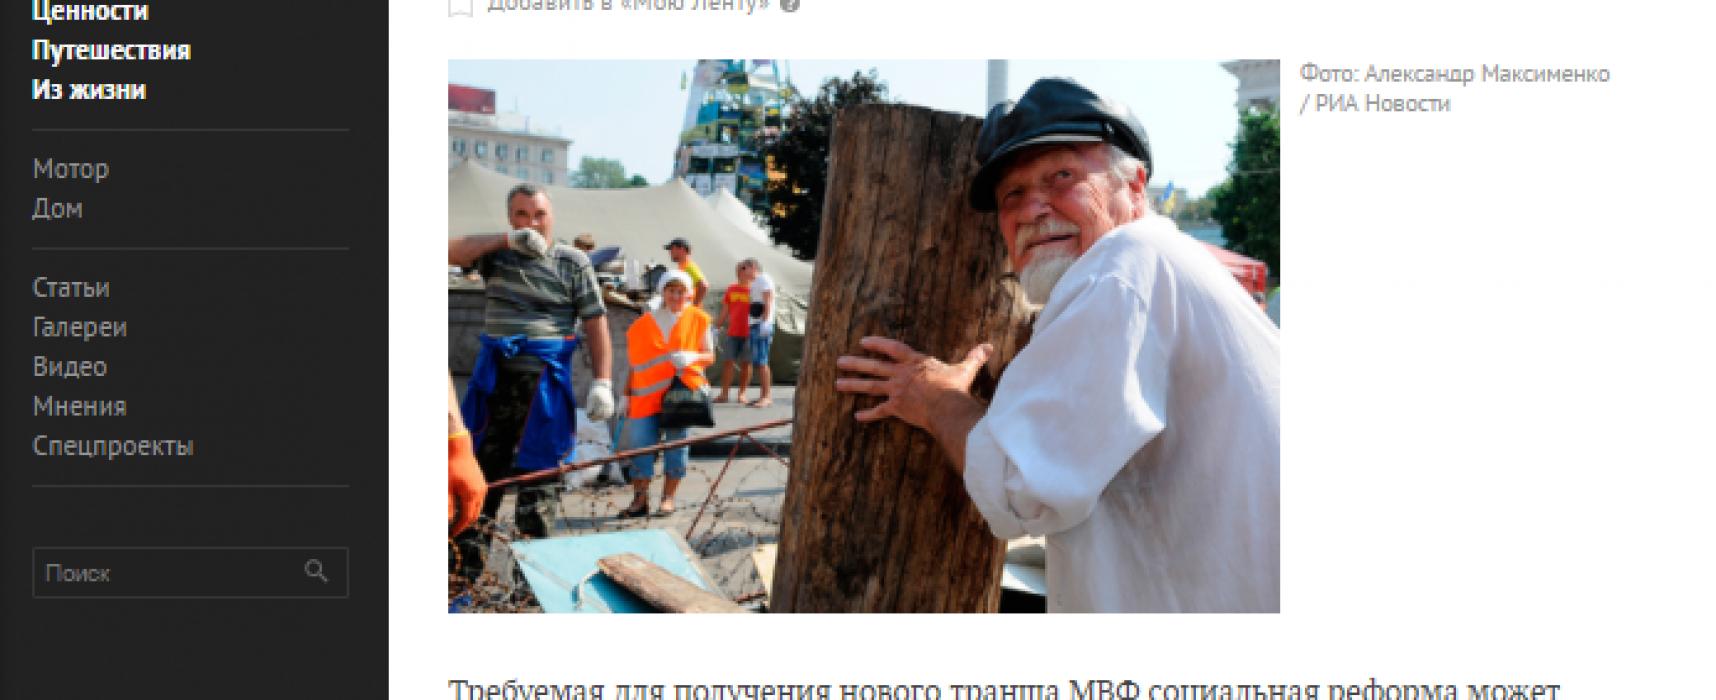 Фейк: МВФ оставит половину украинцев без пенсии